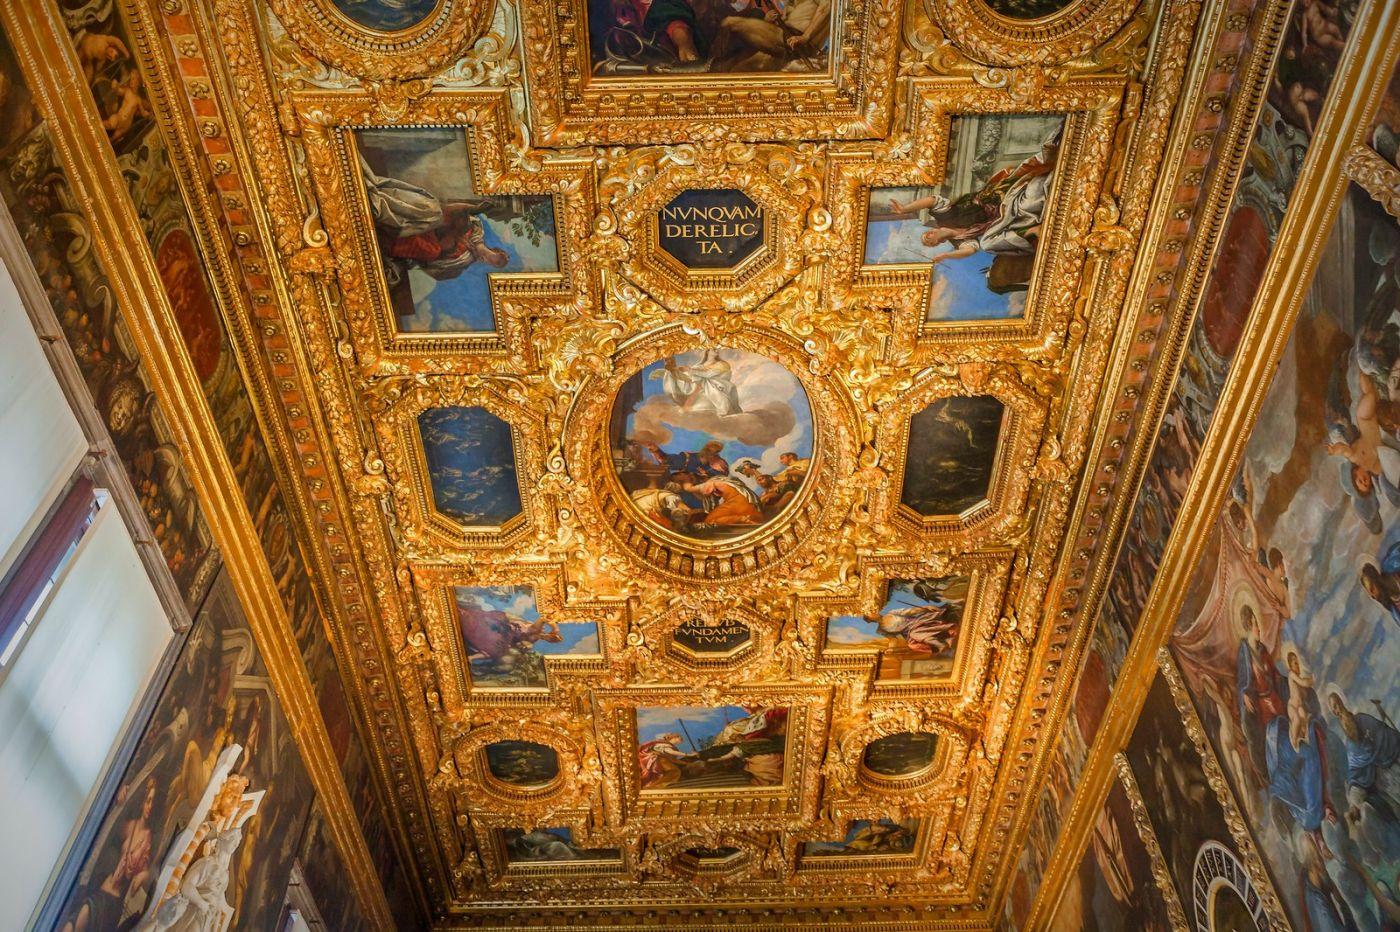 威尼斯圣马可大教堂(St Mark's Basilica), 精雕细琢的顶设_图1-35